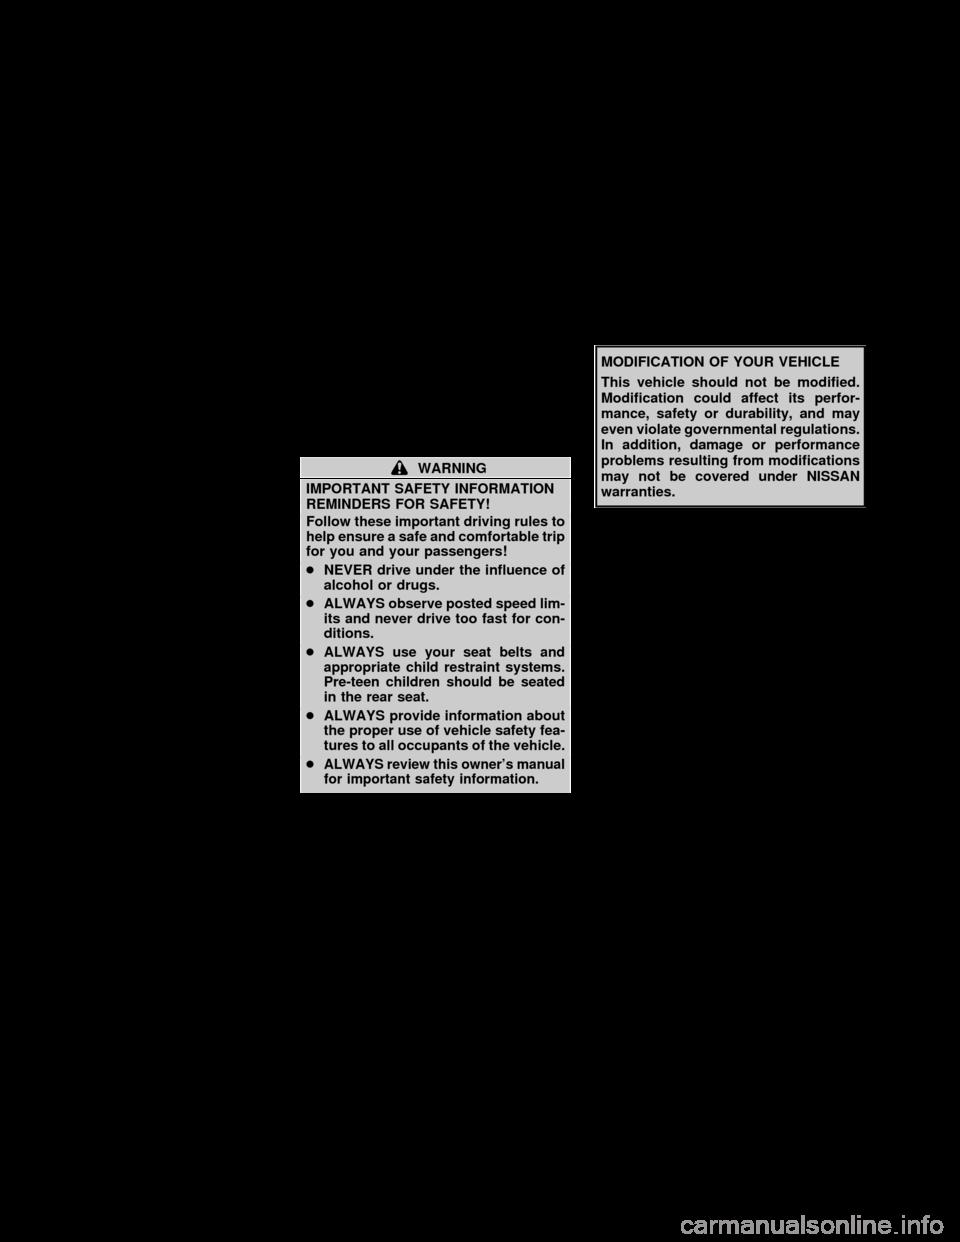 2001 honda odyssey repair manual pdf free